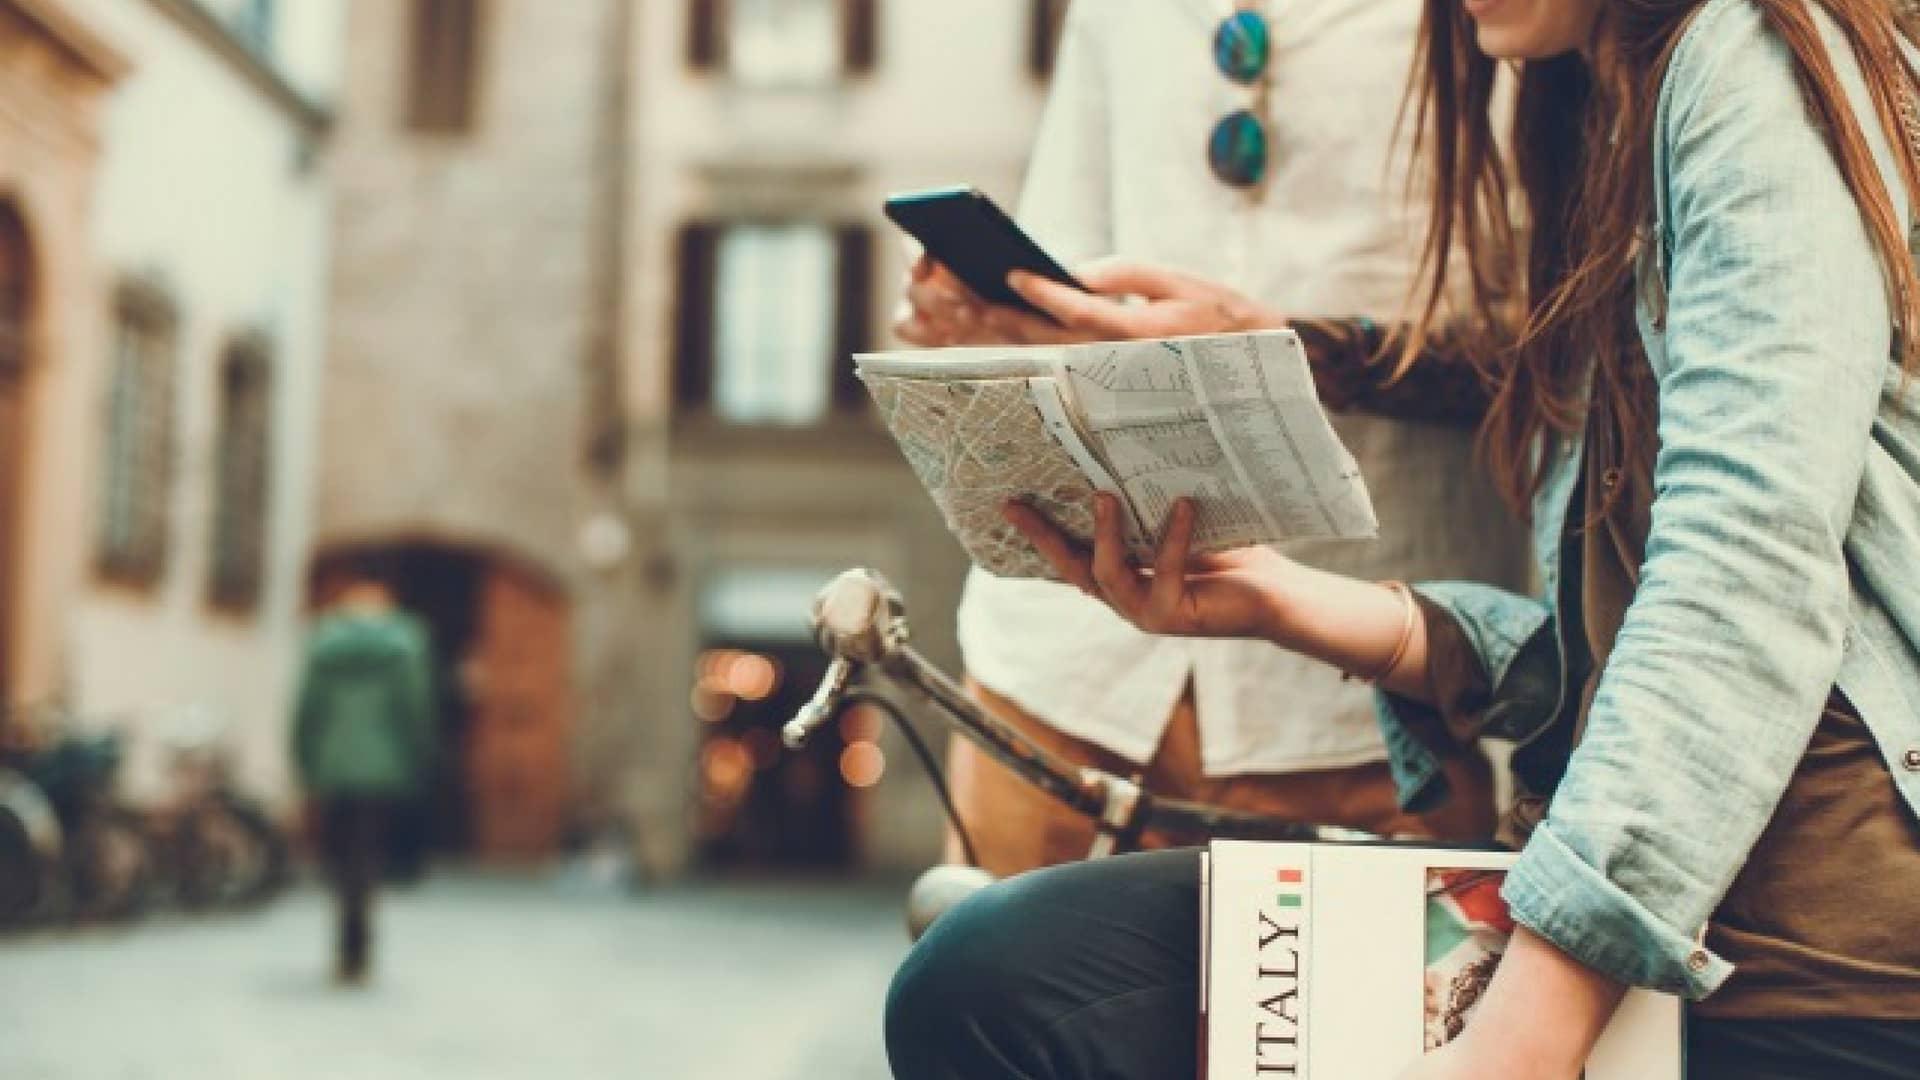 migliori-app-viaggi